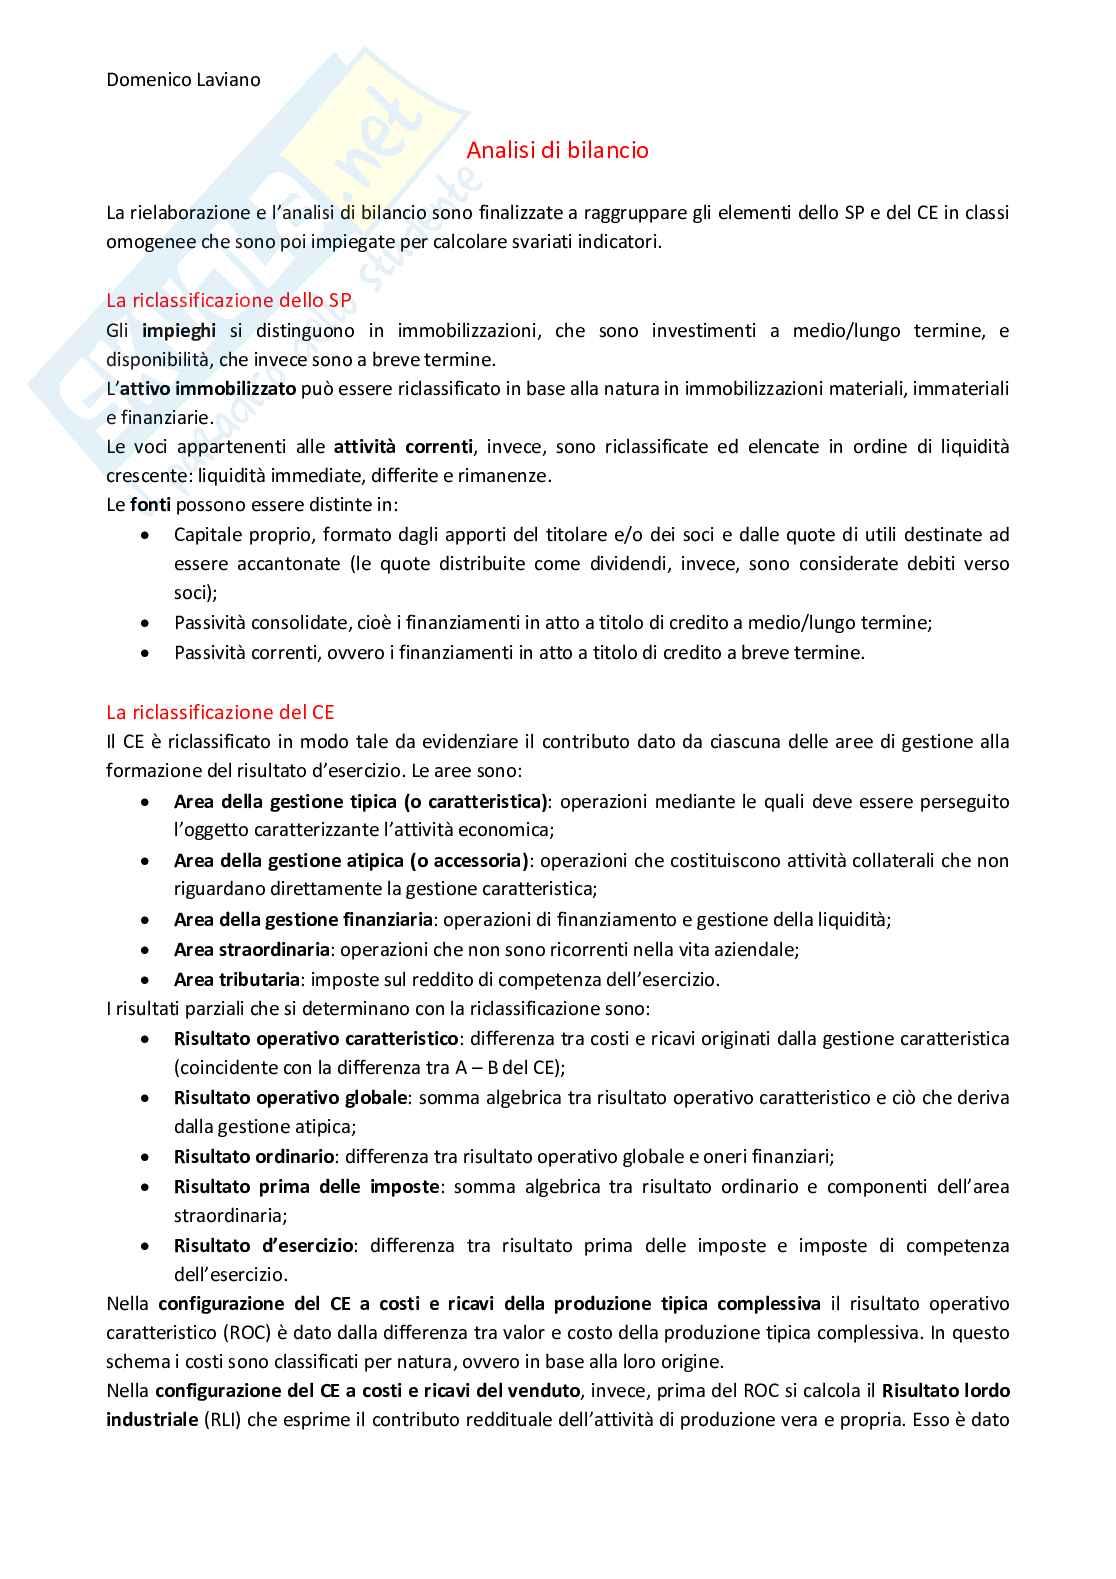 Appunti di Economia Aziendale II (analisi di bilancio)